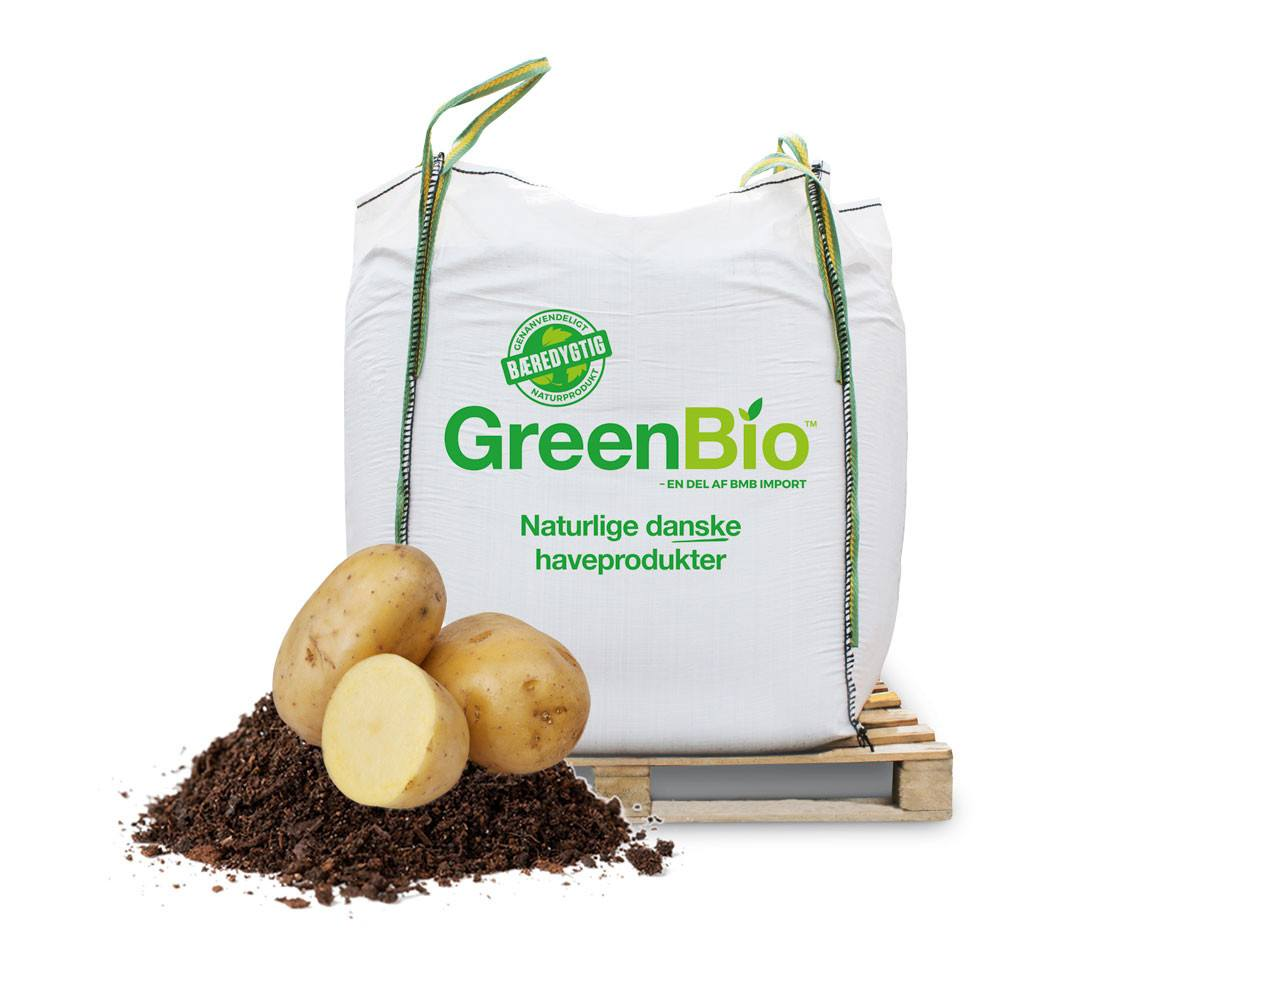 GreenBio kartoffelmuld